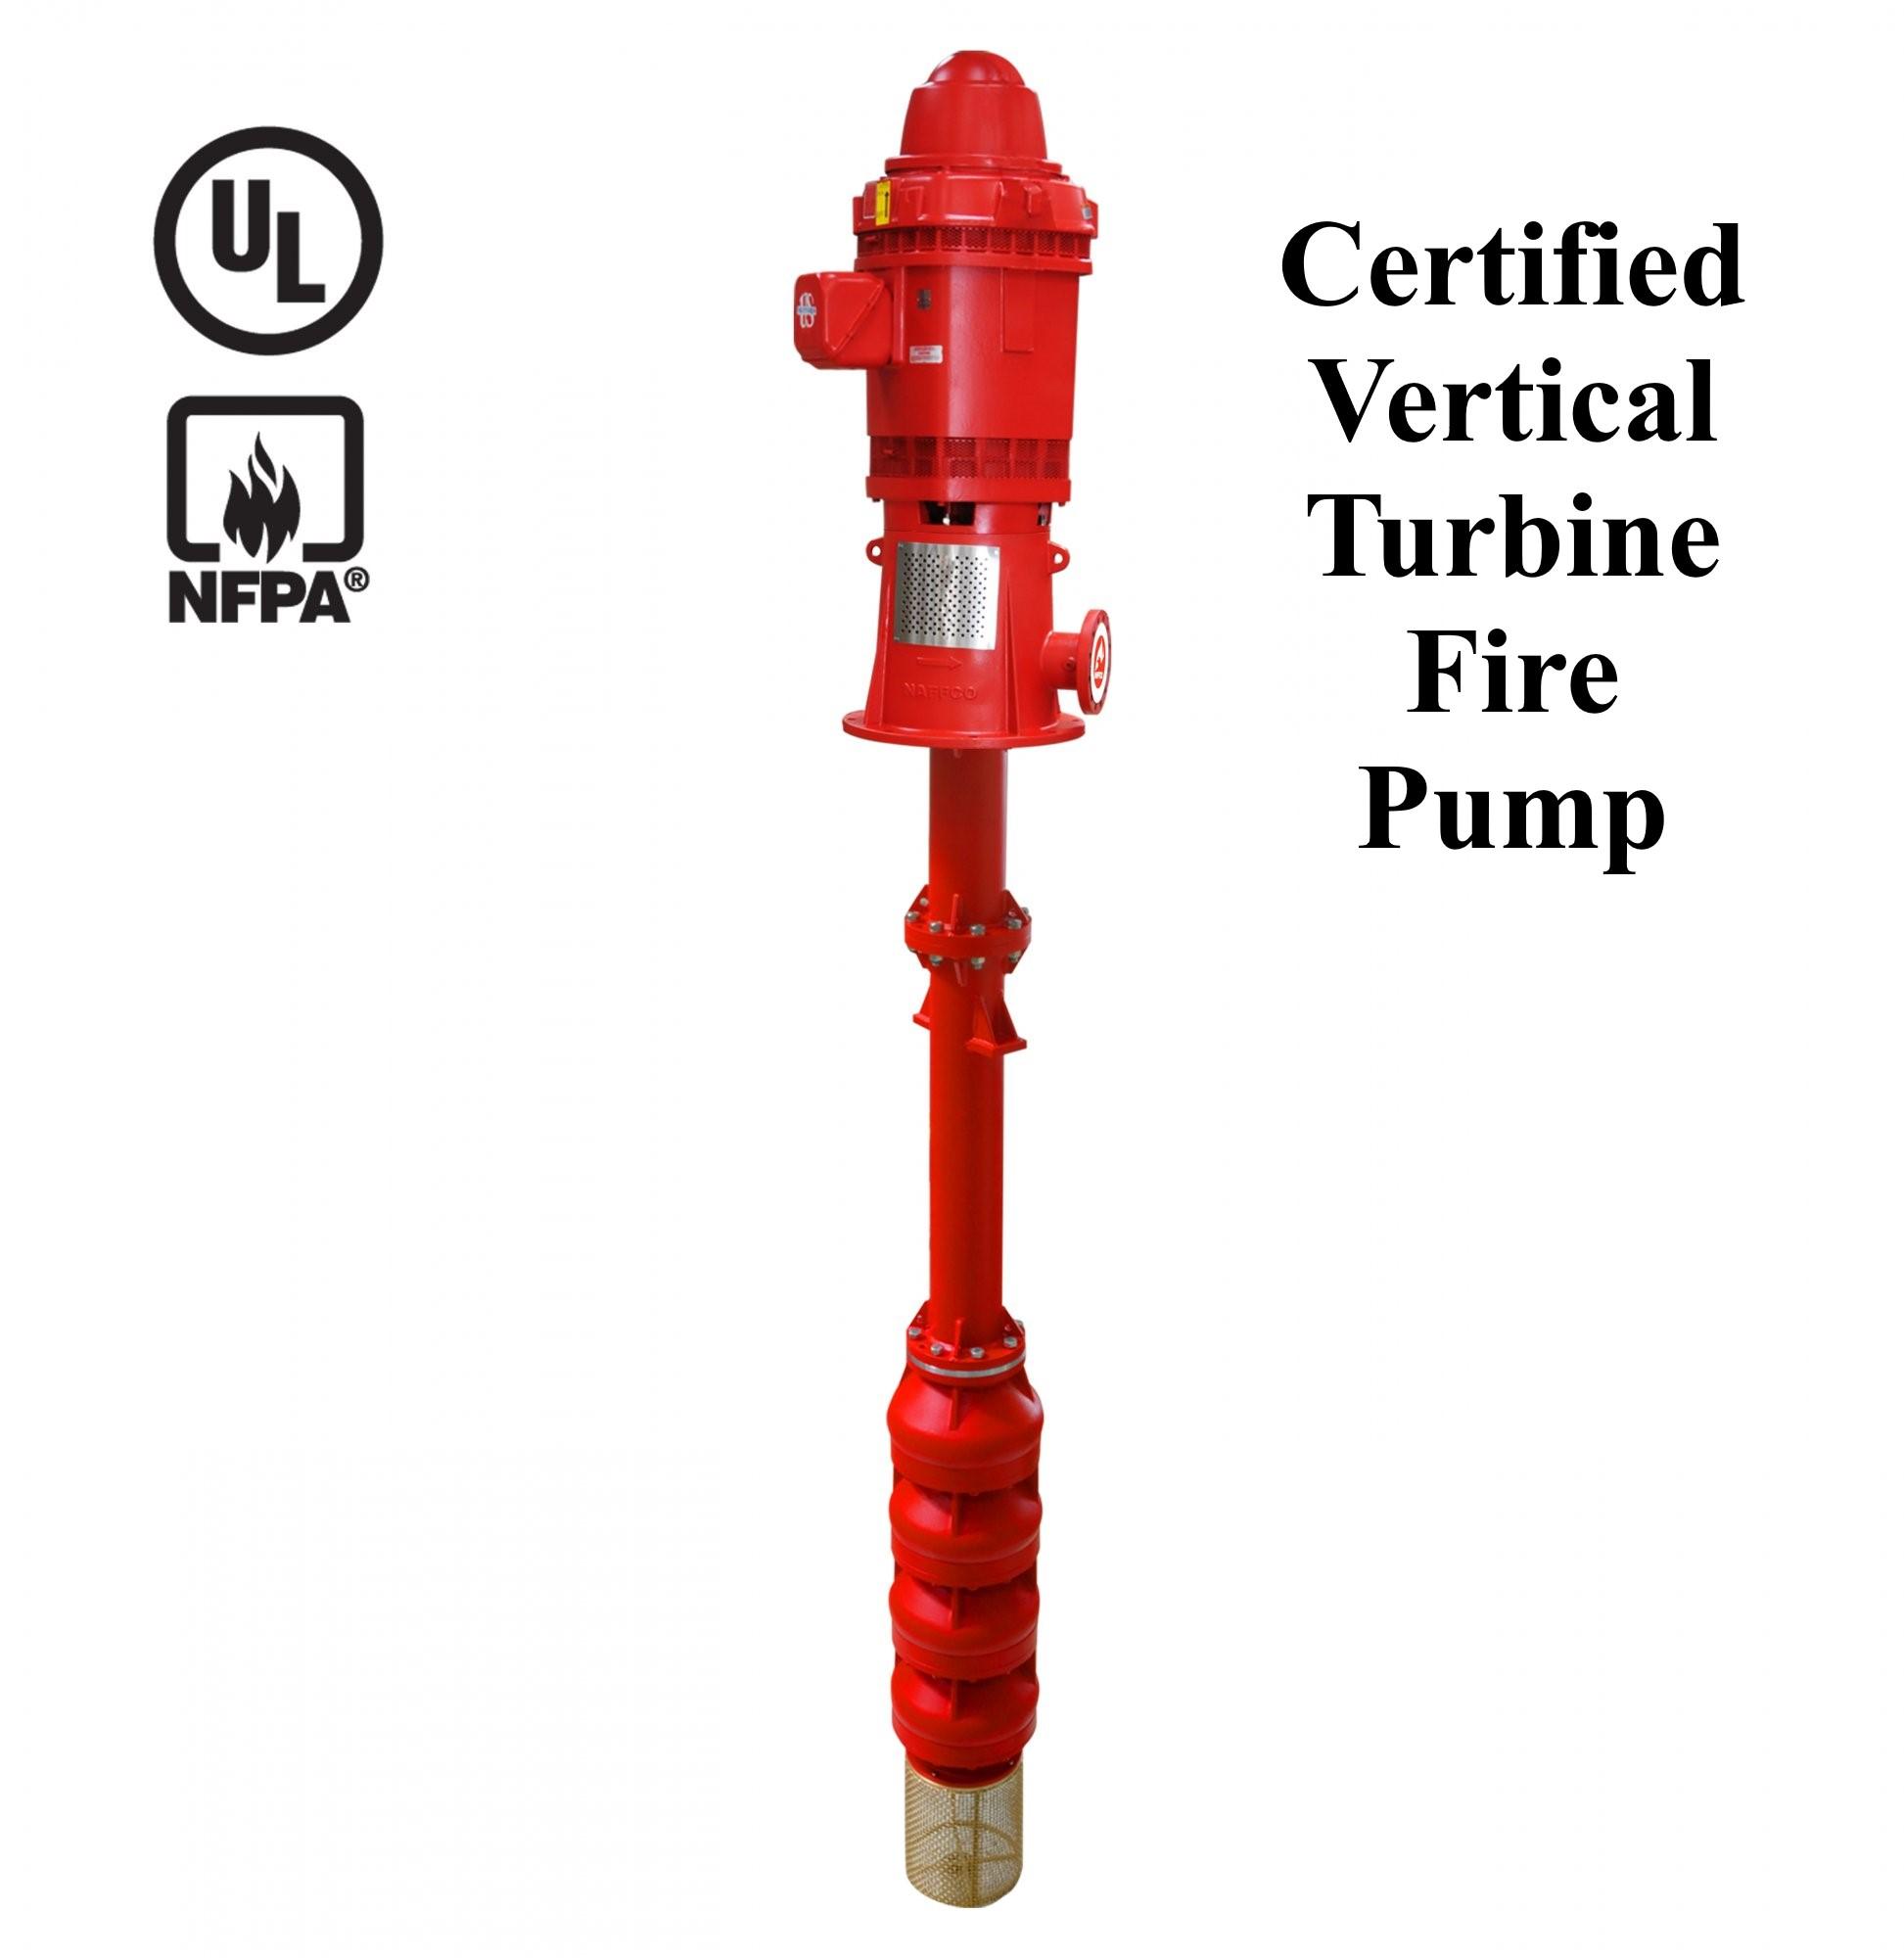 Certified_Vertical_Turbine_Fire_Pump_banner_1452441510_wz530